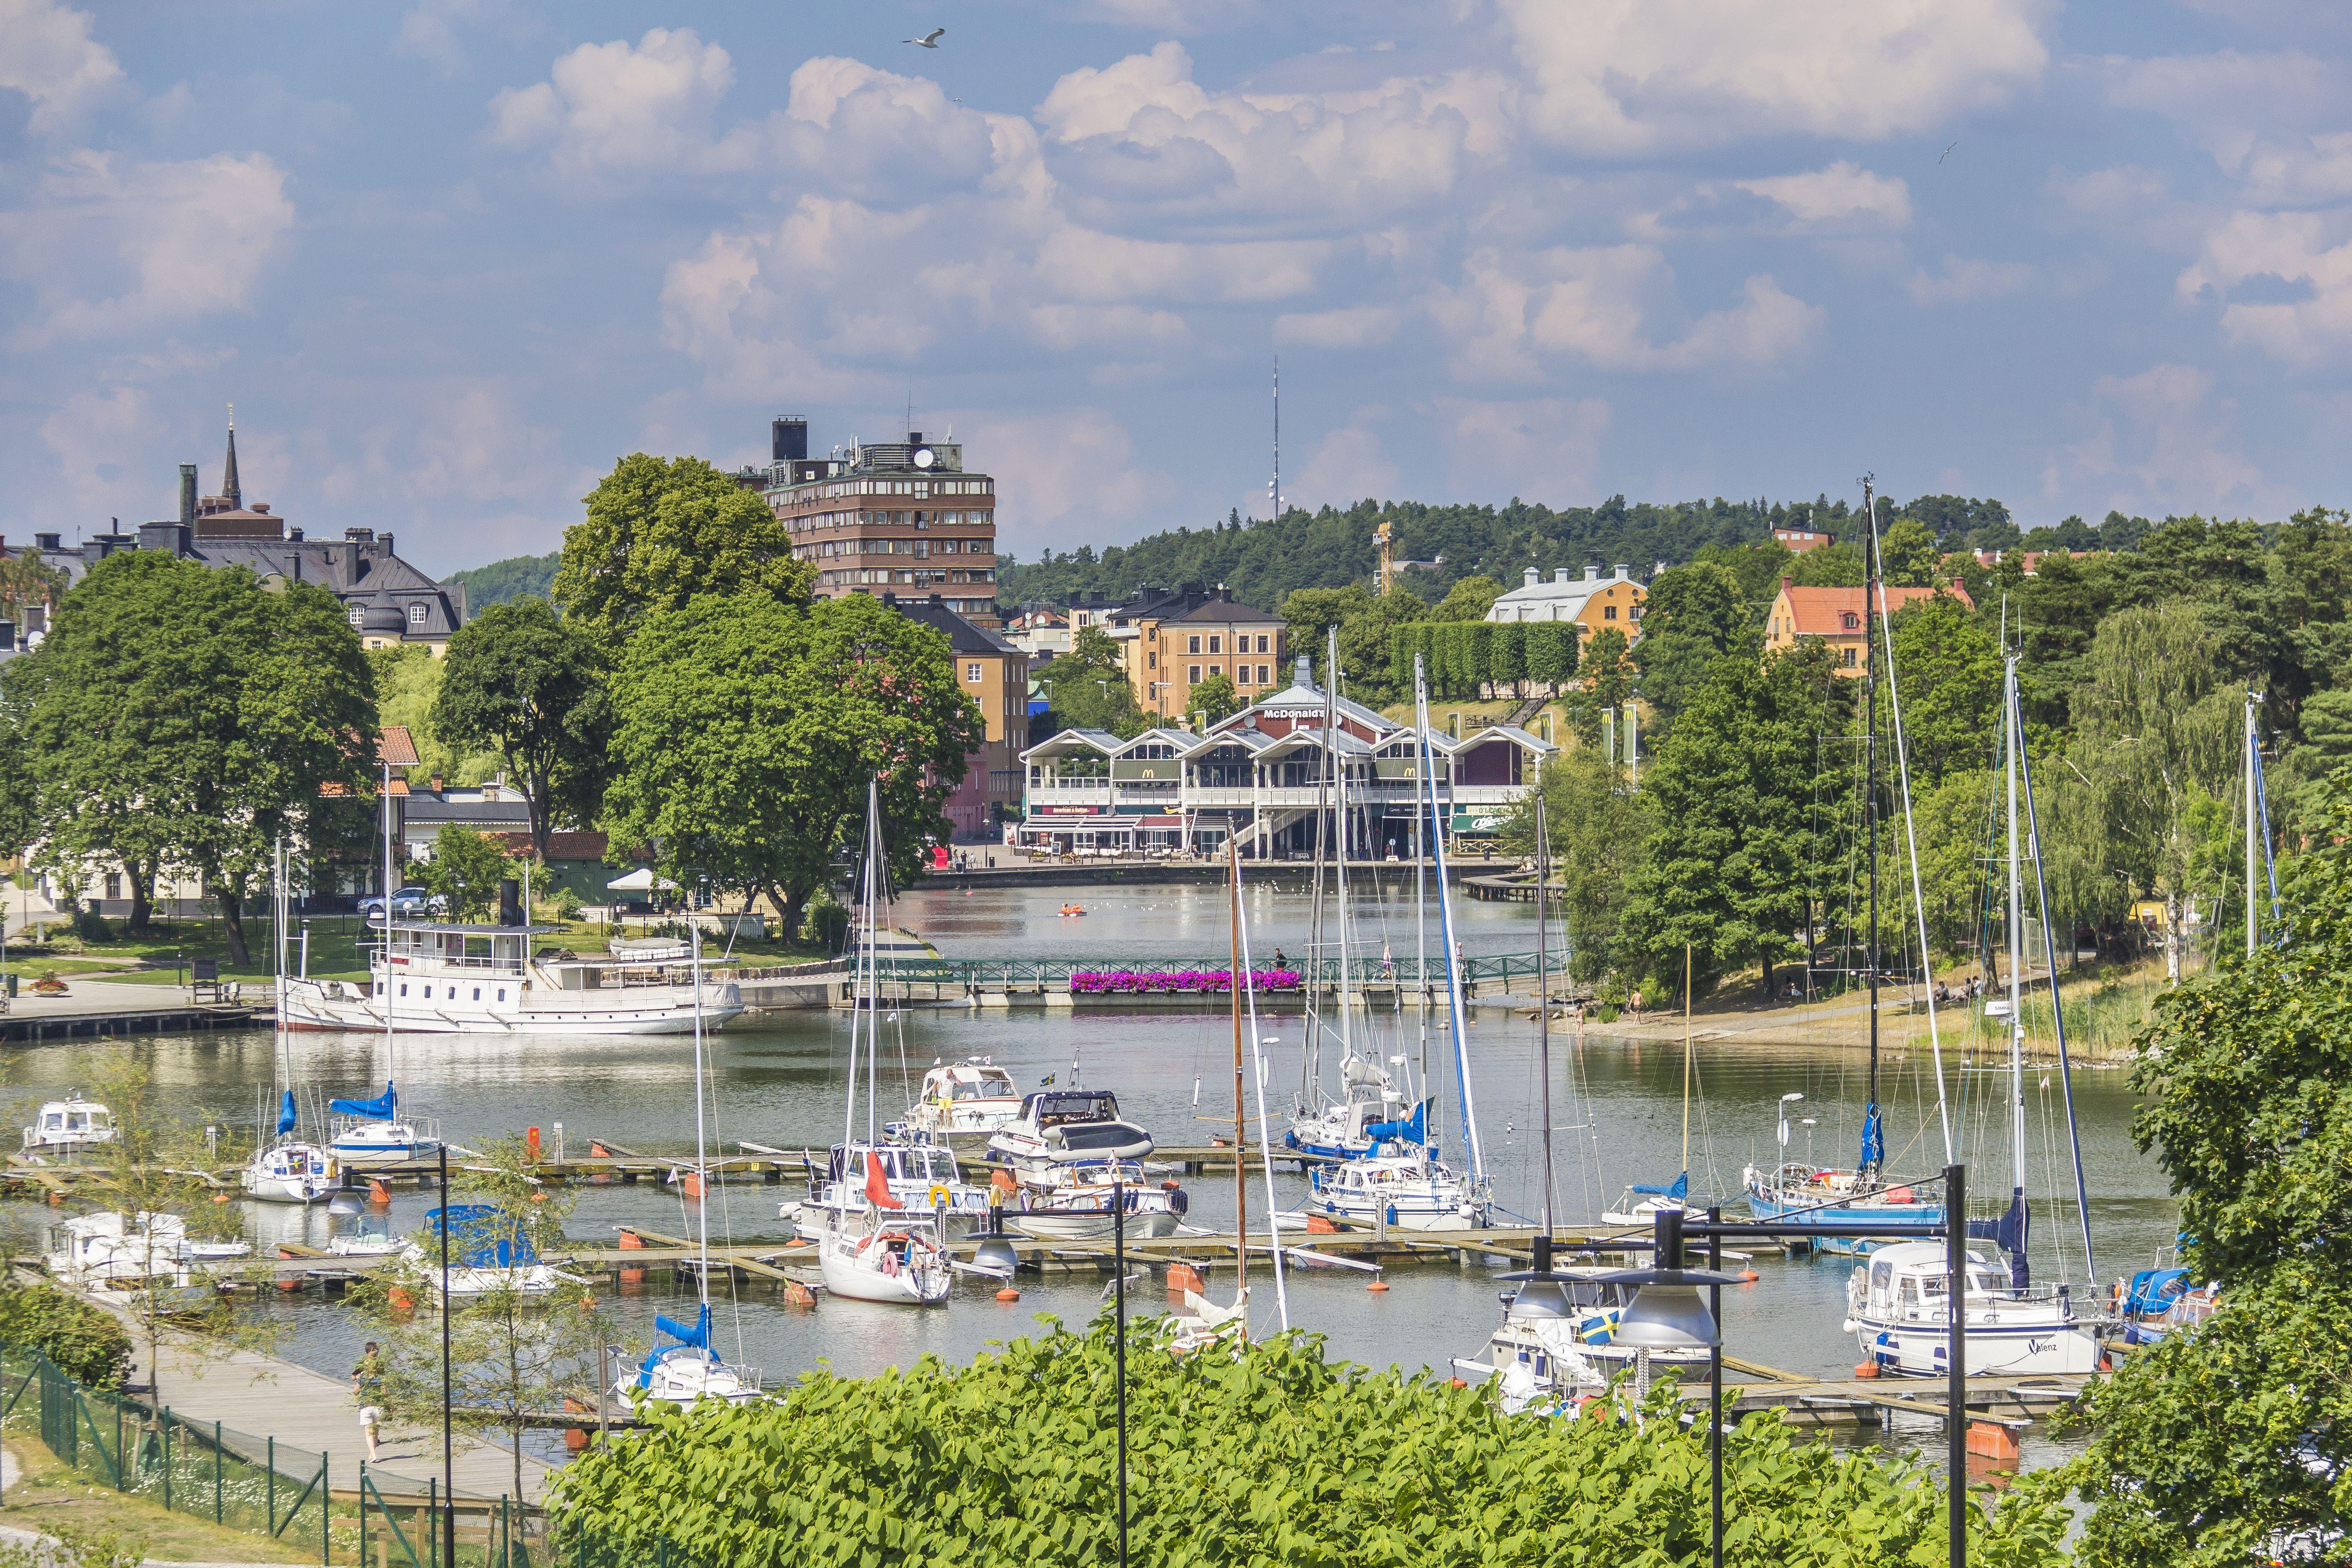 Södertäljevandringar 2019 - Glasberga Sjöstad